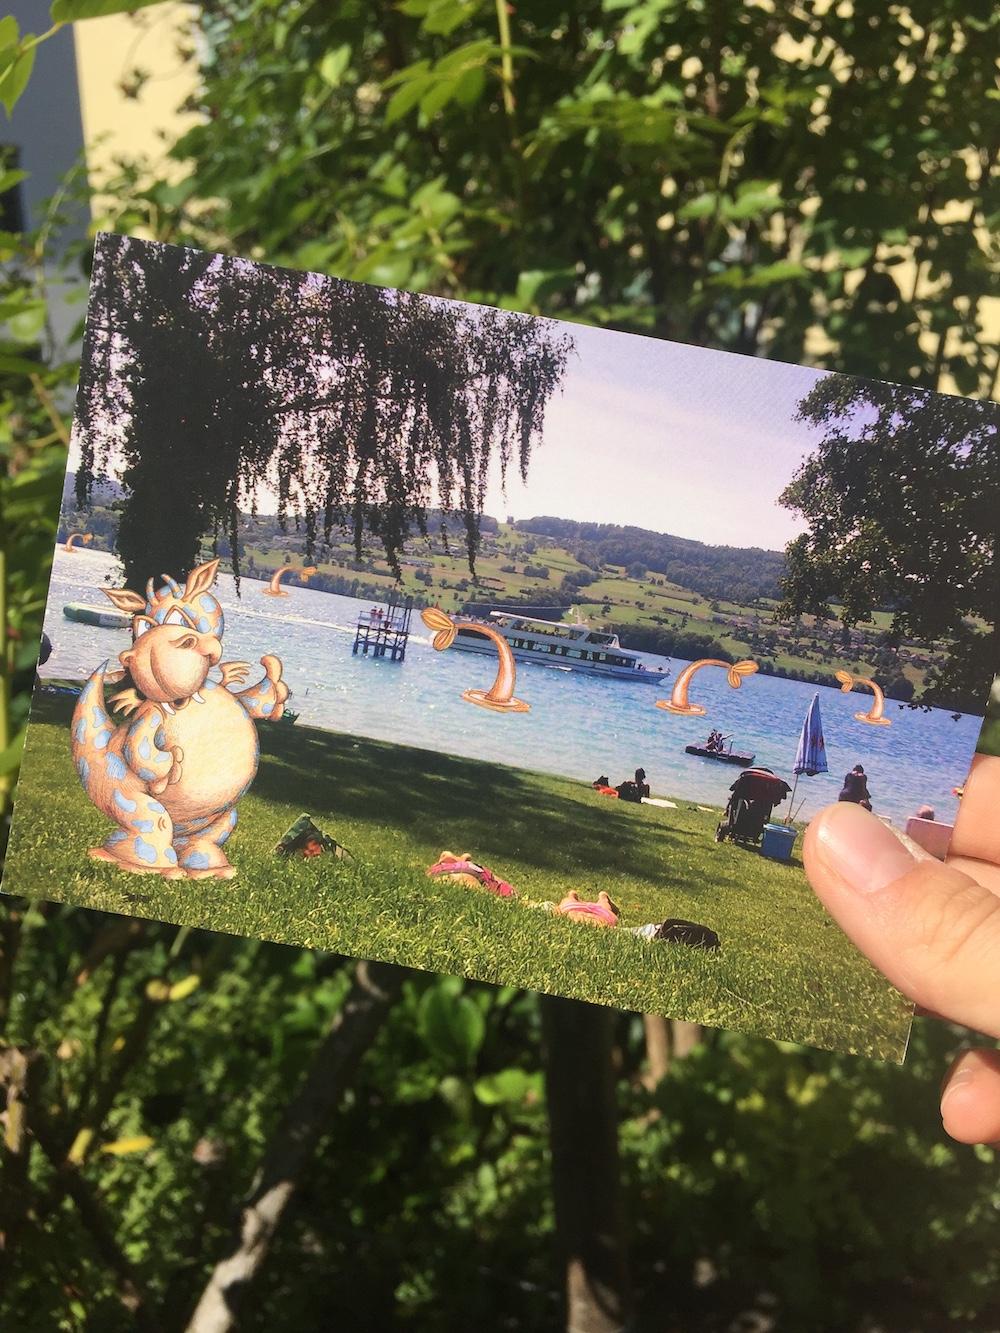 Das Hypopoppa geniesst die Sommerferien und schreibt eine Postkarte - Ab Mitte August können alle Kinder ein Bild von Hypopoppa in den Sommerferien abholen zum Ausmalen. Für jedes ausgemalte Geschenk gibt es ein kleines Geschenk!Direkter Link zum Bild hier: Ausmalbildwww.hbl.ch/hypopoppa